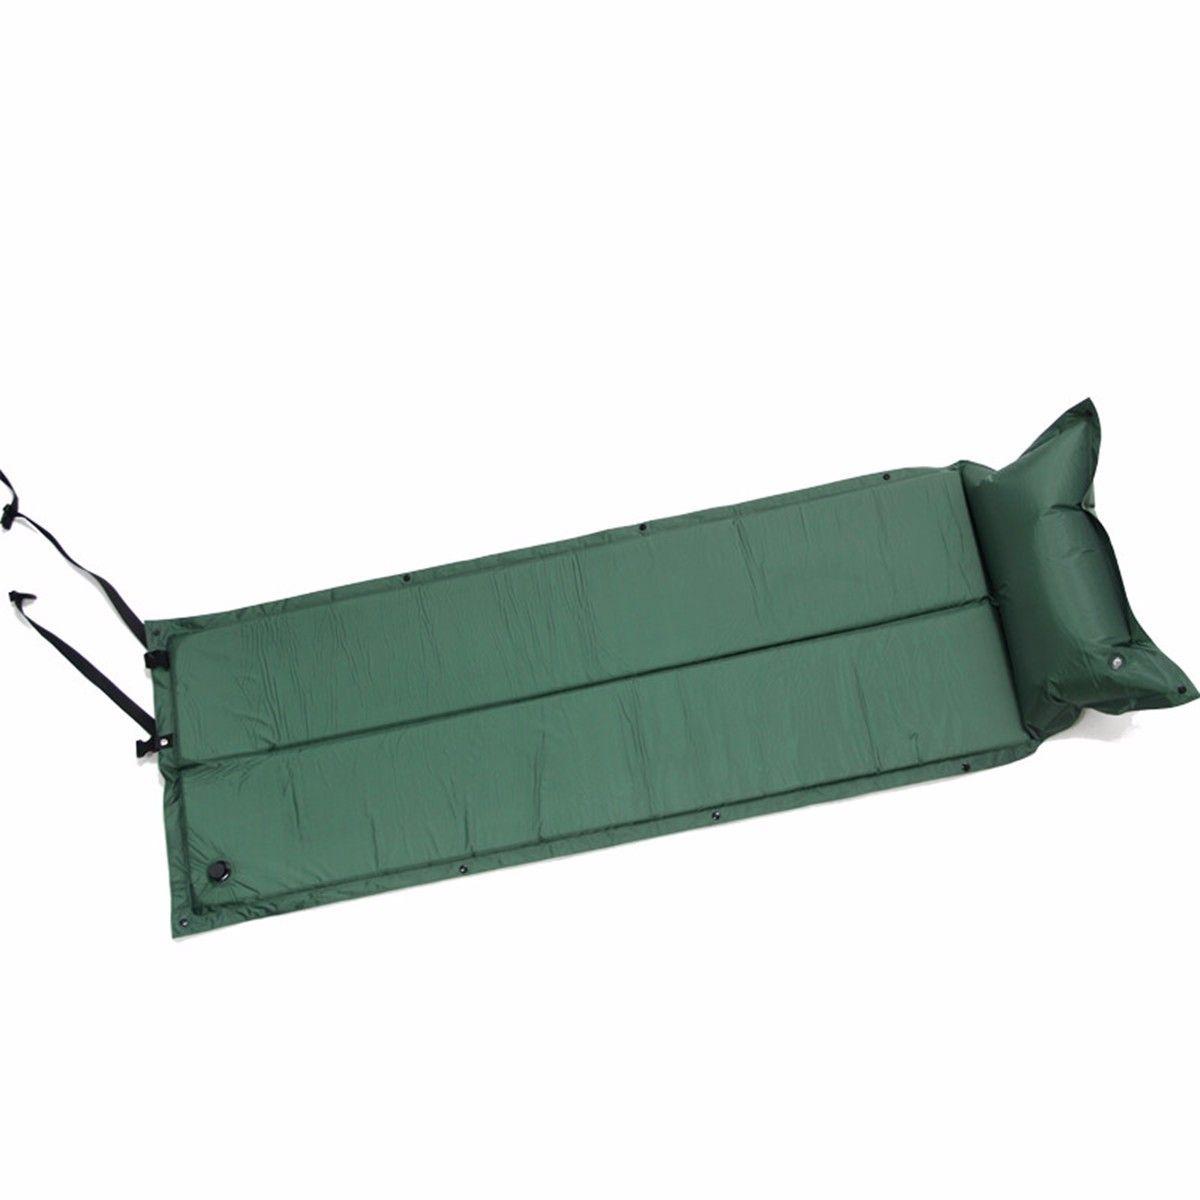 7adaad558b1e Outdoor Waterproof Dampproof Sleeping Pad Tent Air Mat Mattress ...